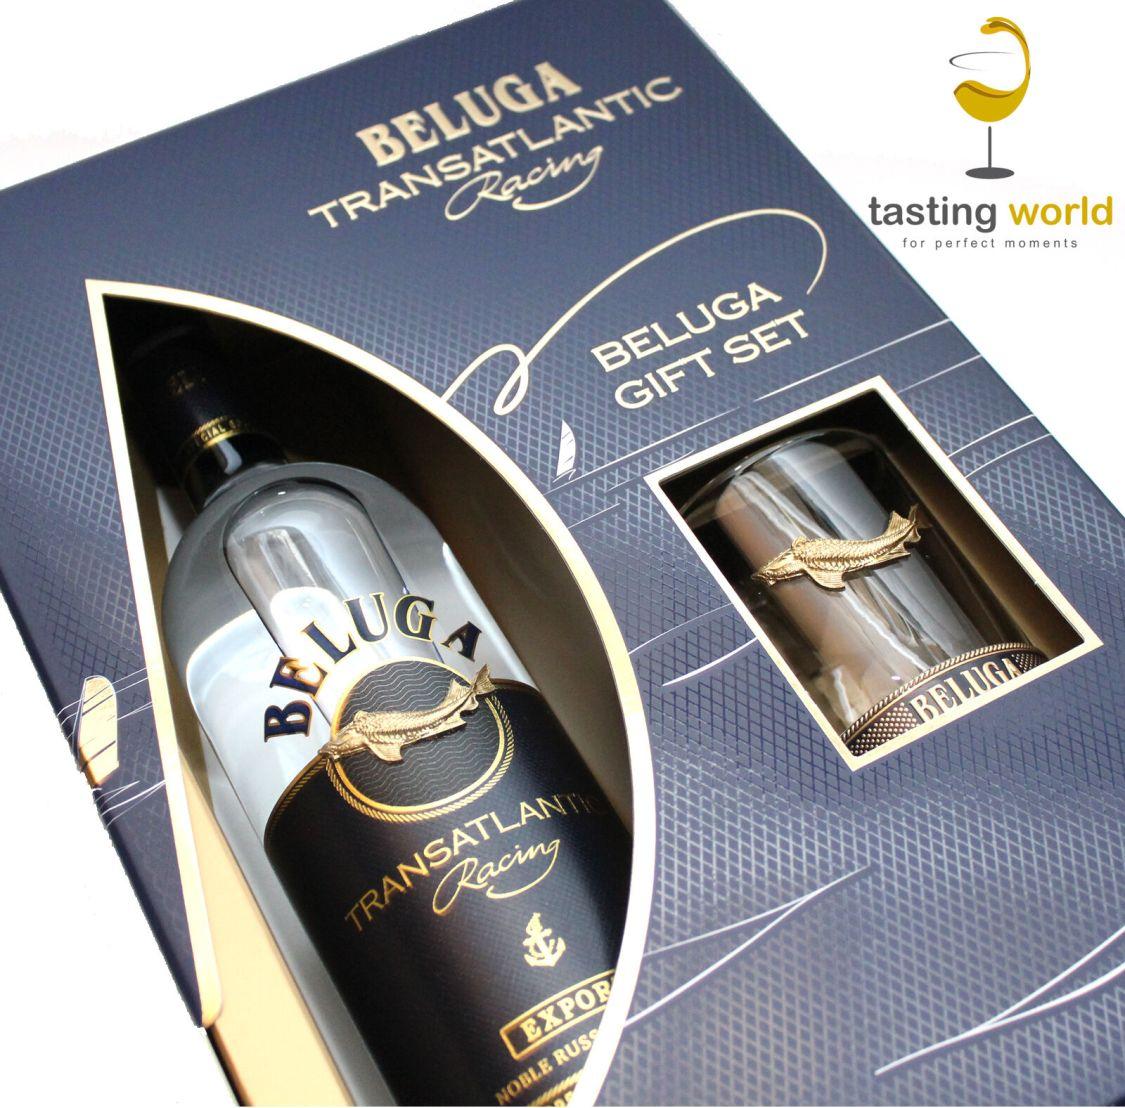 Geschenkset -  Beluga Transatlantic Racing Noble Russian Vodka mit Glas / Wodka